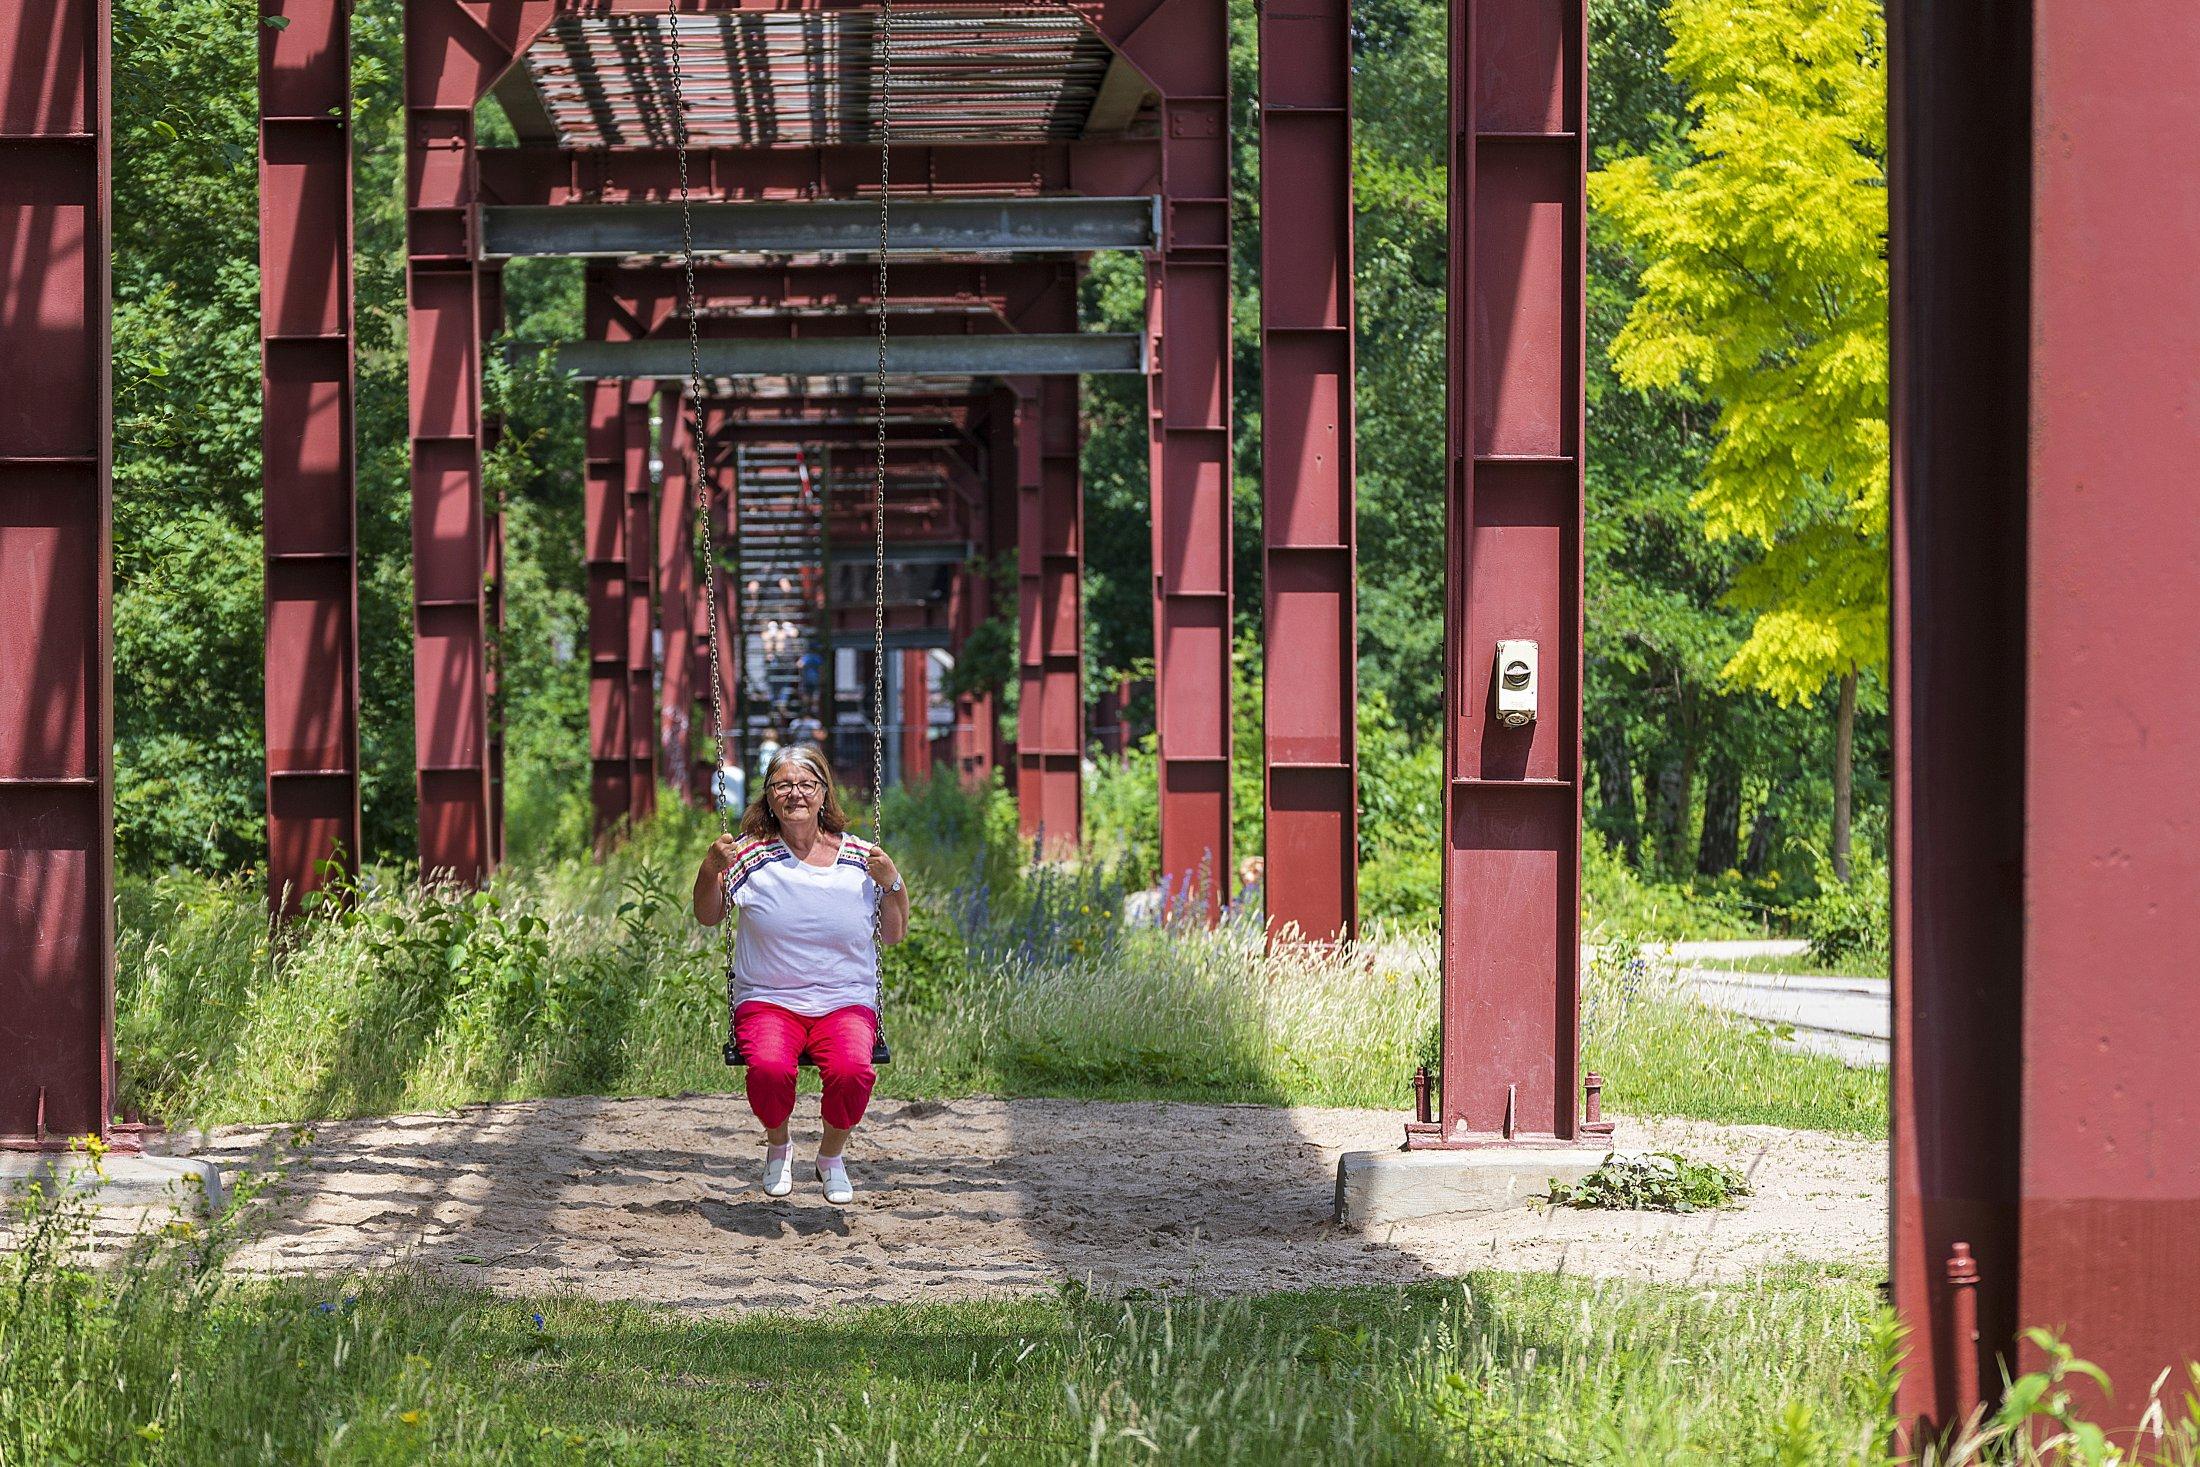 Bandbrücke für Kohletransport